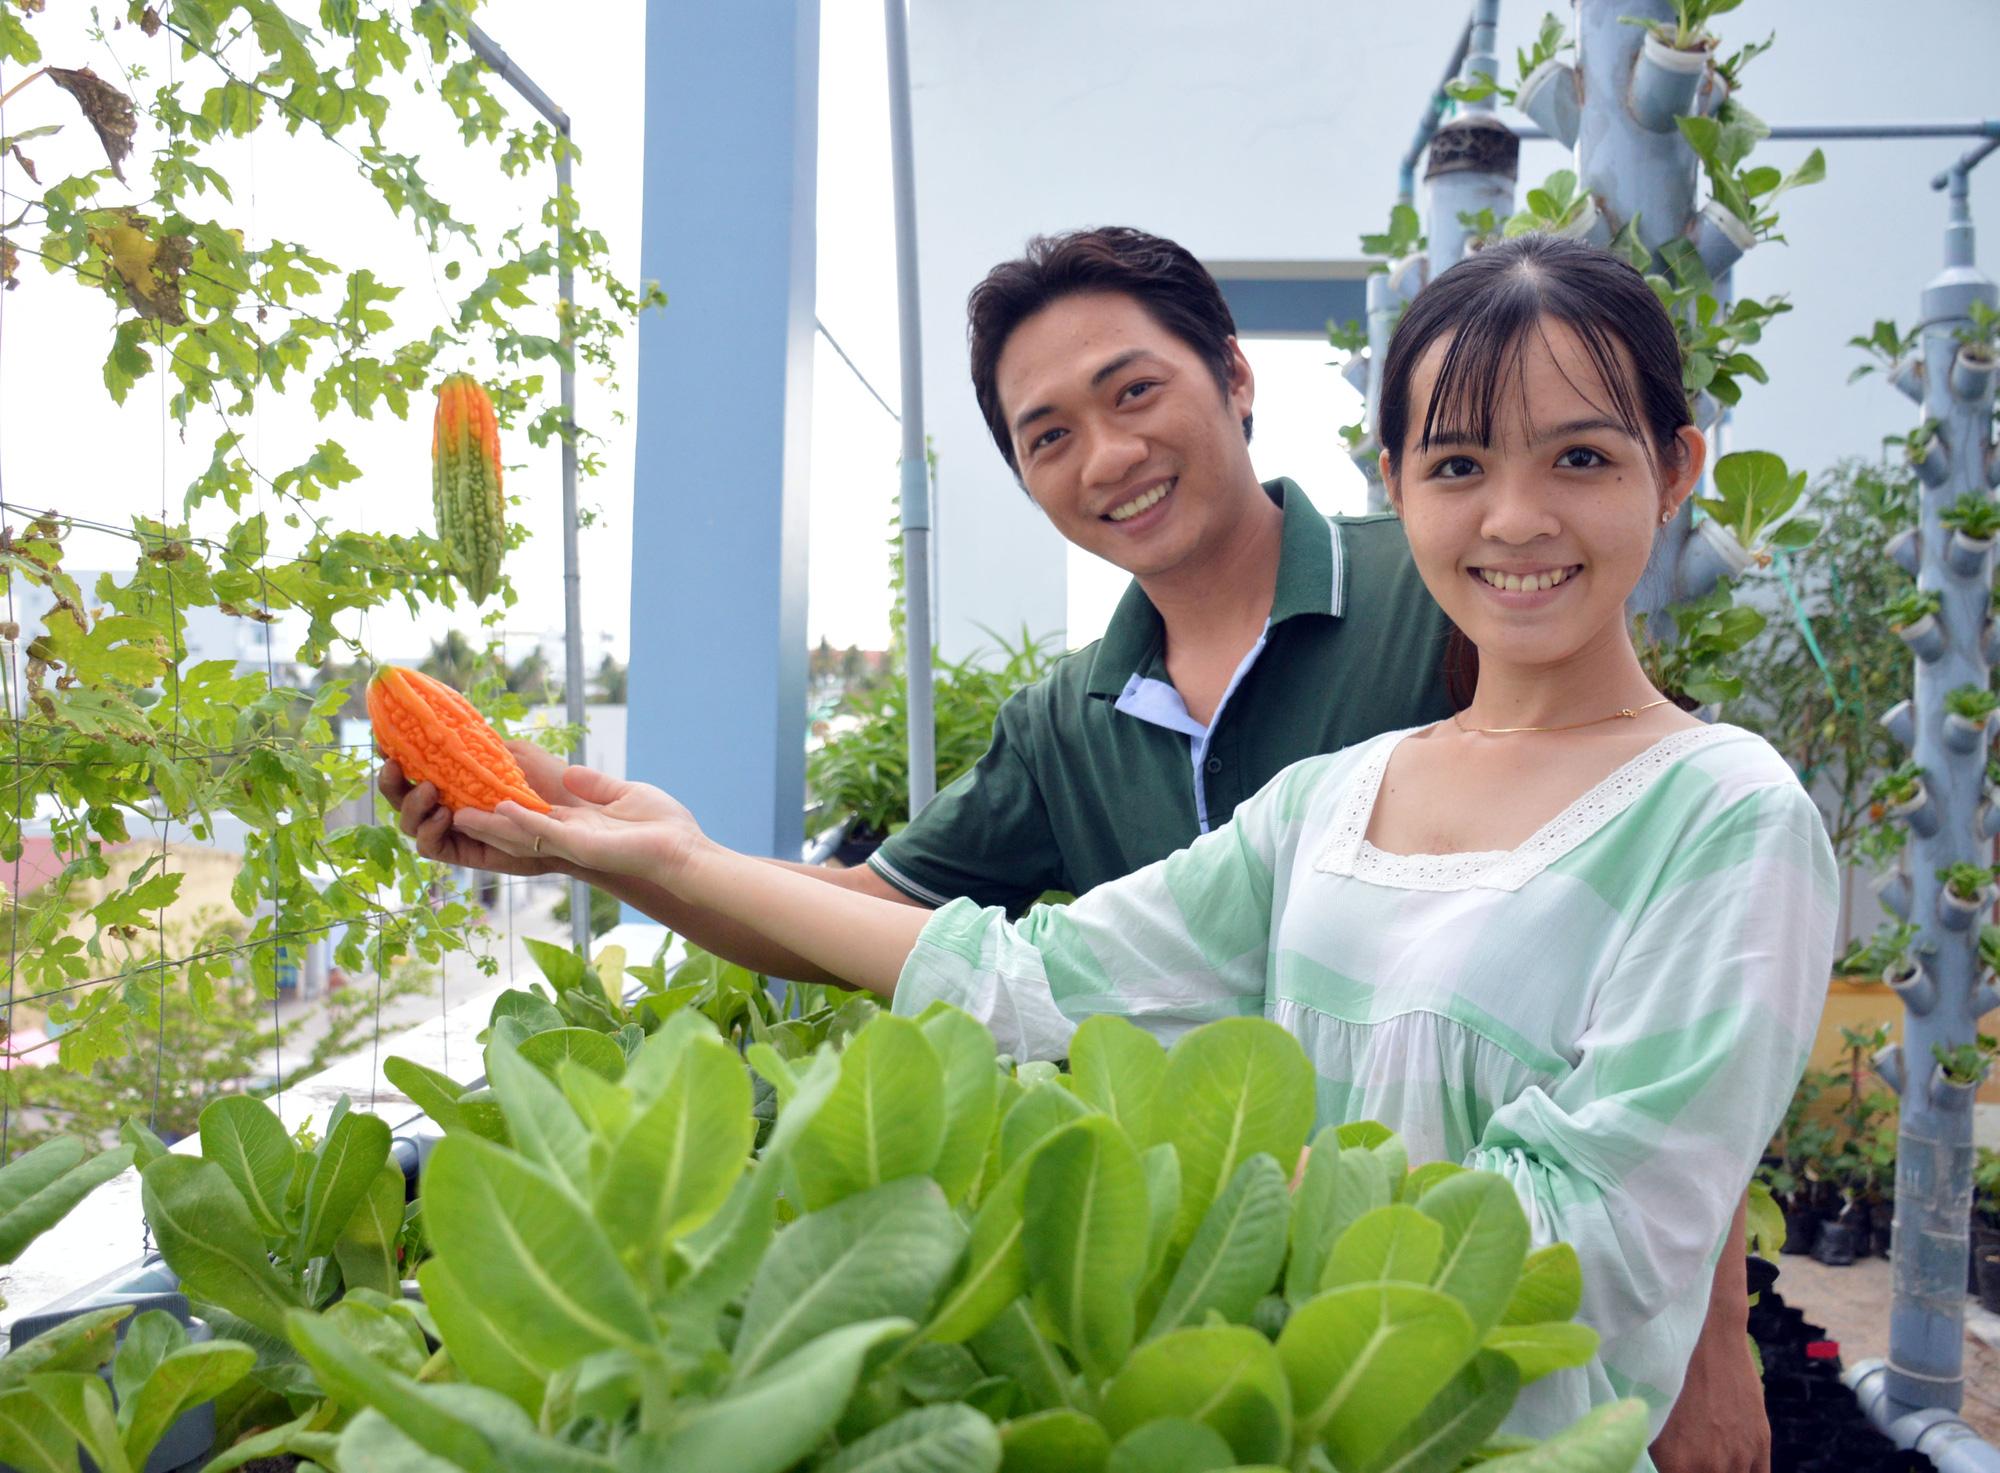 """Ngỡ ngàng """"khu vườn trên mây"""" với hơn 30 loại cây của đôi vợ chồng trẻ - Ảnh 1."""